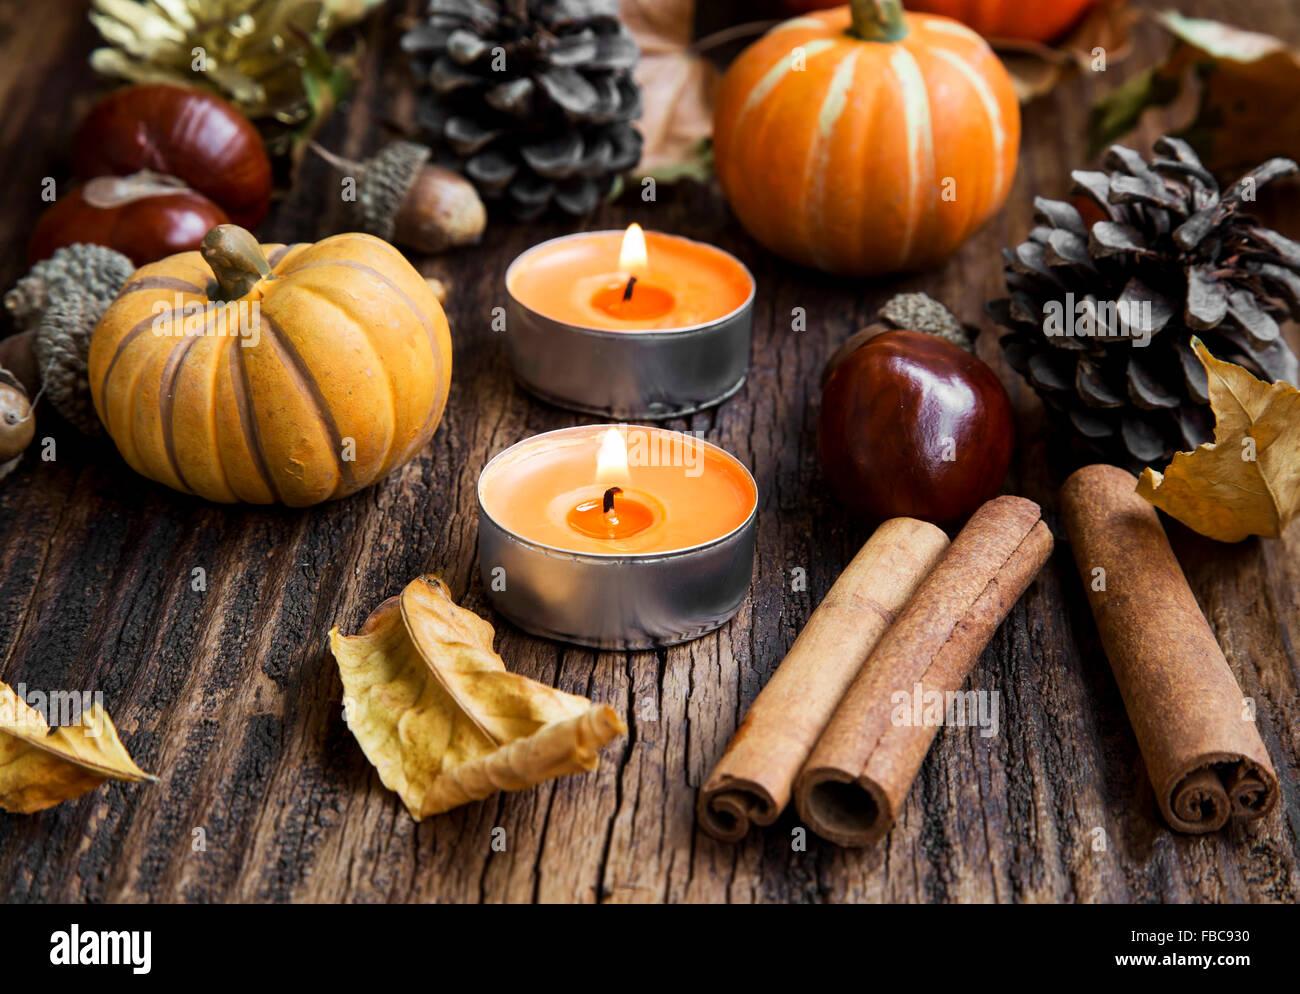 Herbst-Dekoration mit Kürbissen, Blätter, Kerzen, Zimtstangen, Kastanien und Eicheln Stockbild